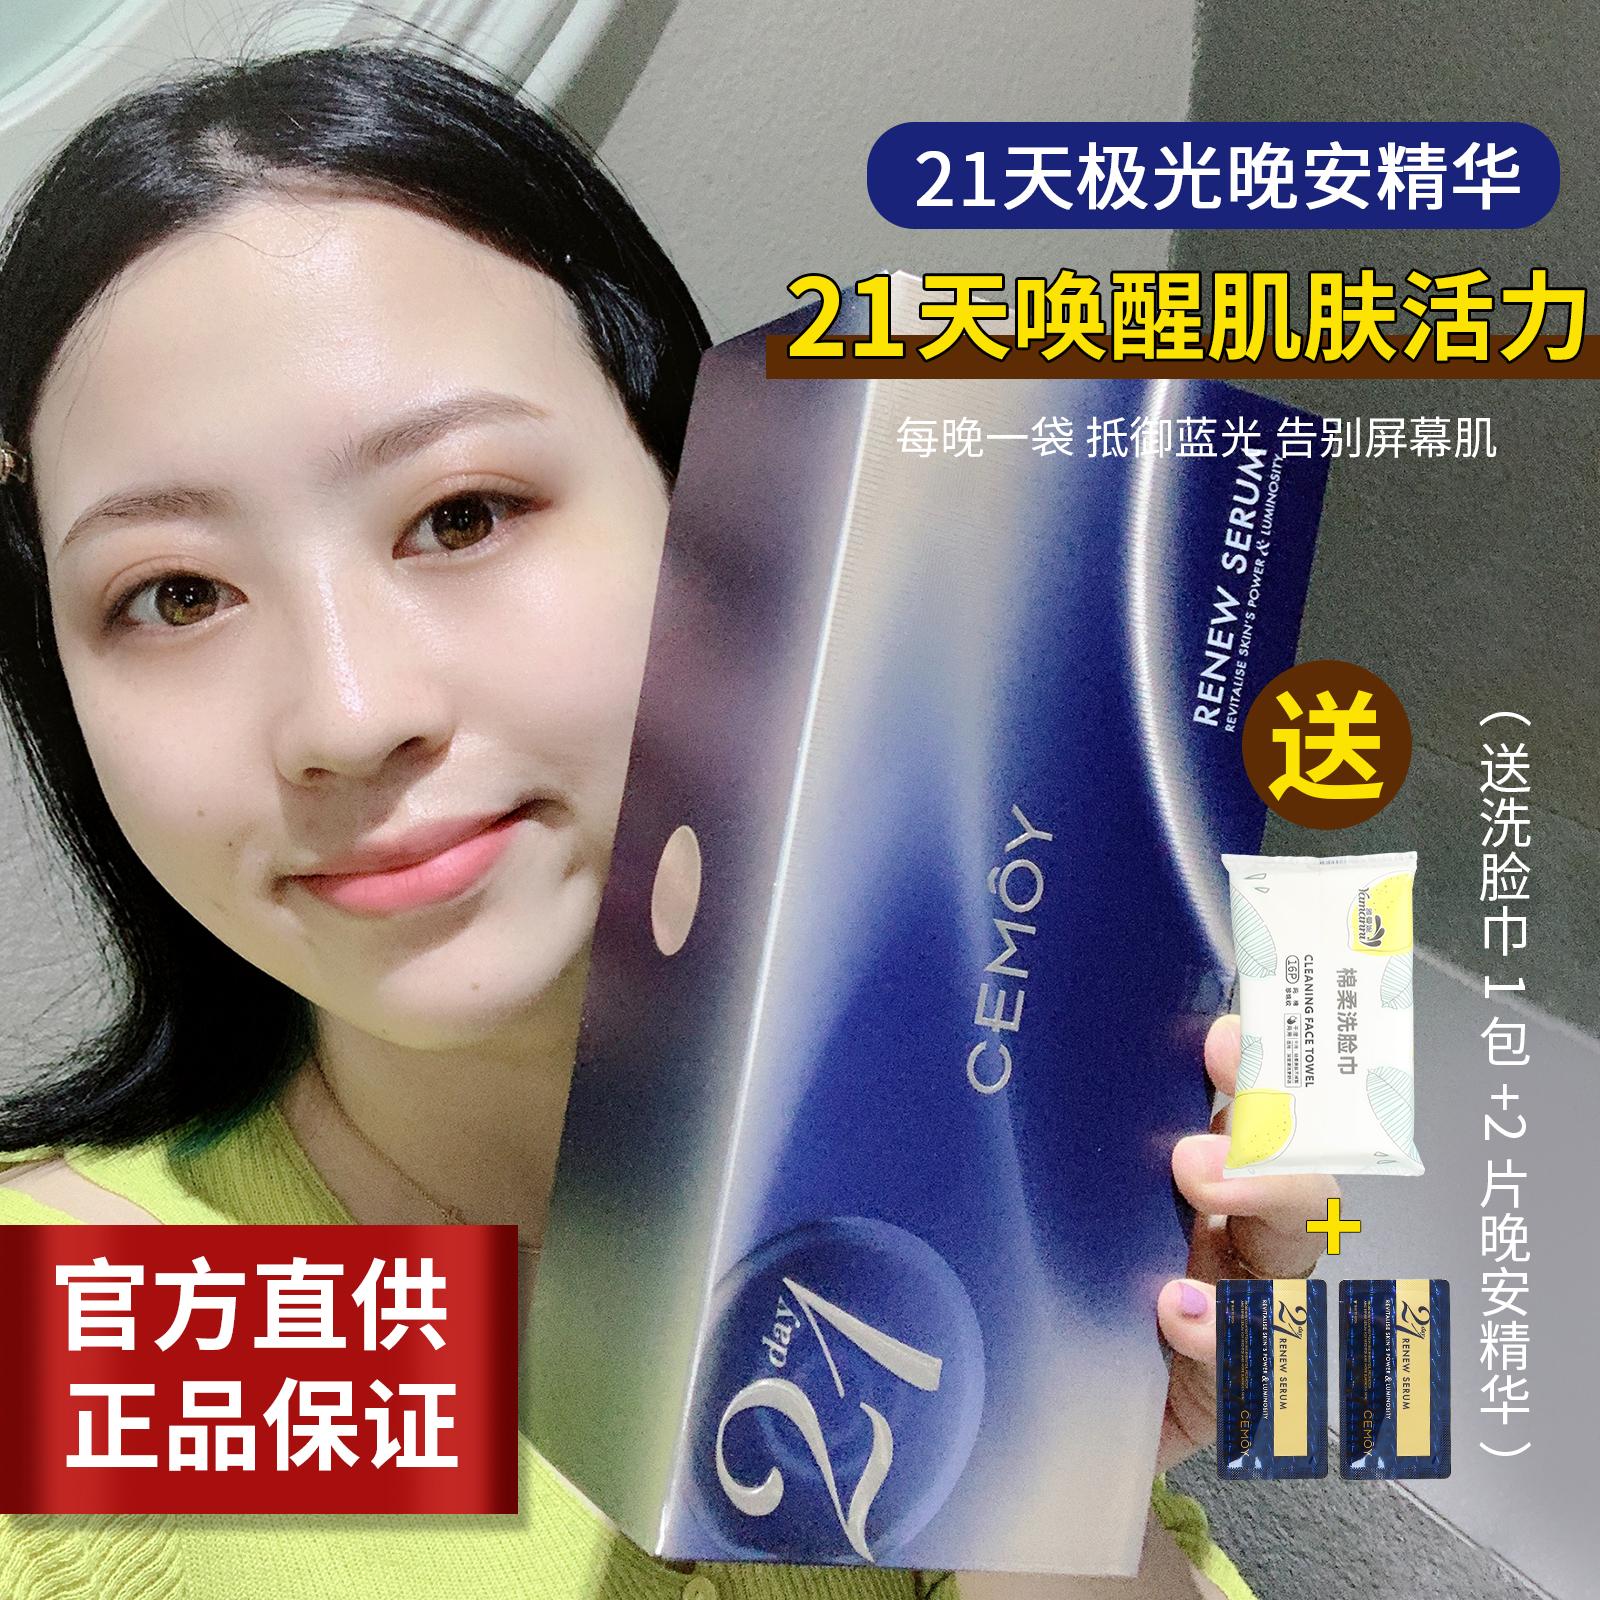 澳洲CEMOY21天极光晚安精华乳液修复嫩白提亮面部护理套装21片